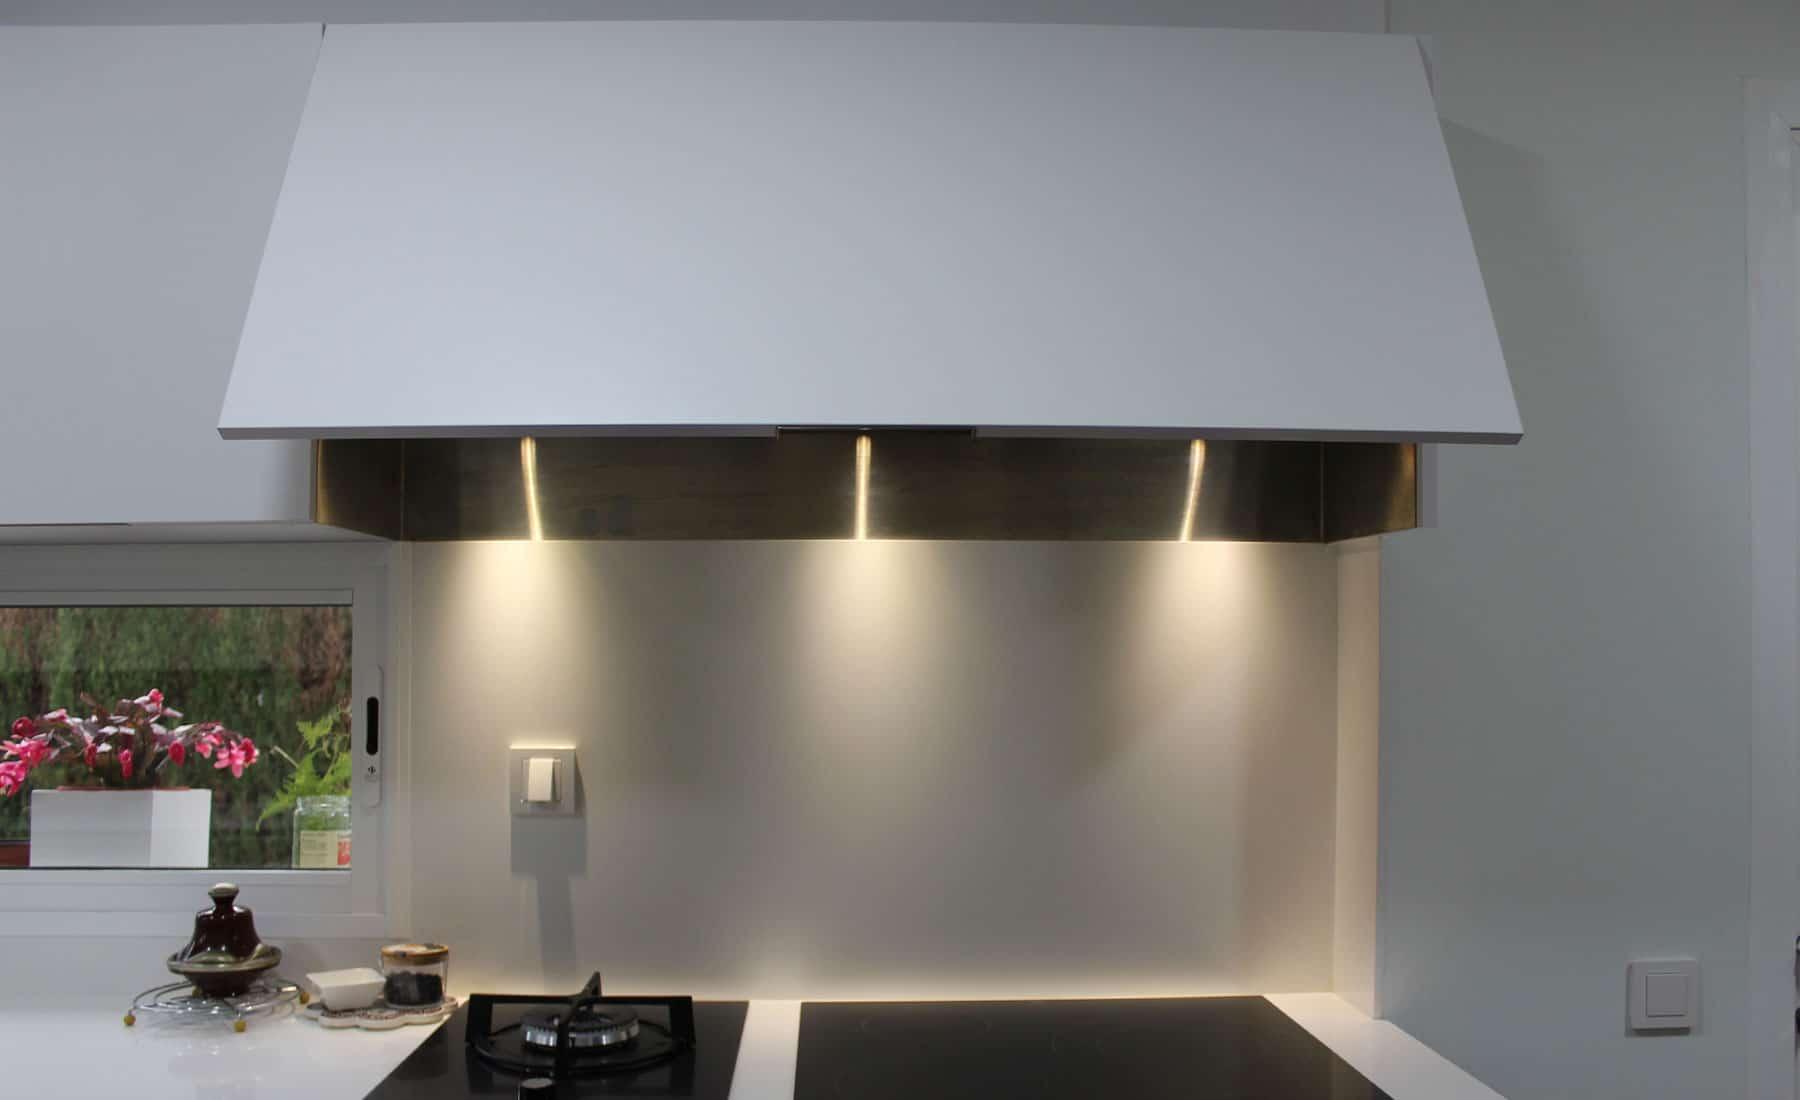 Detalle de campana de cocina integrada en mueble alto abatible.